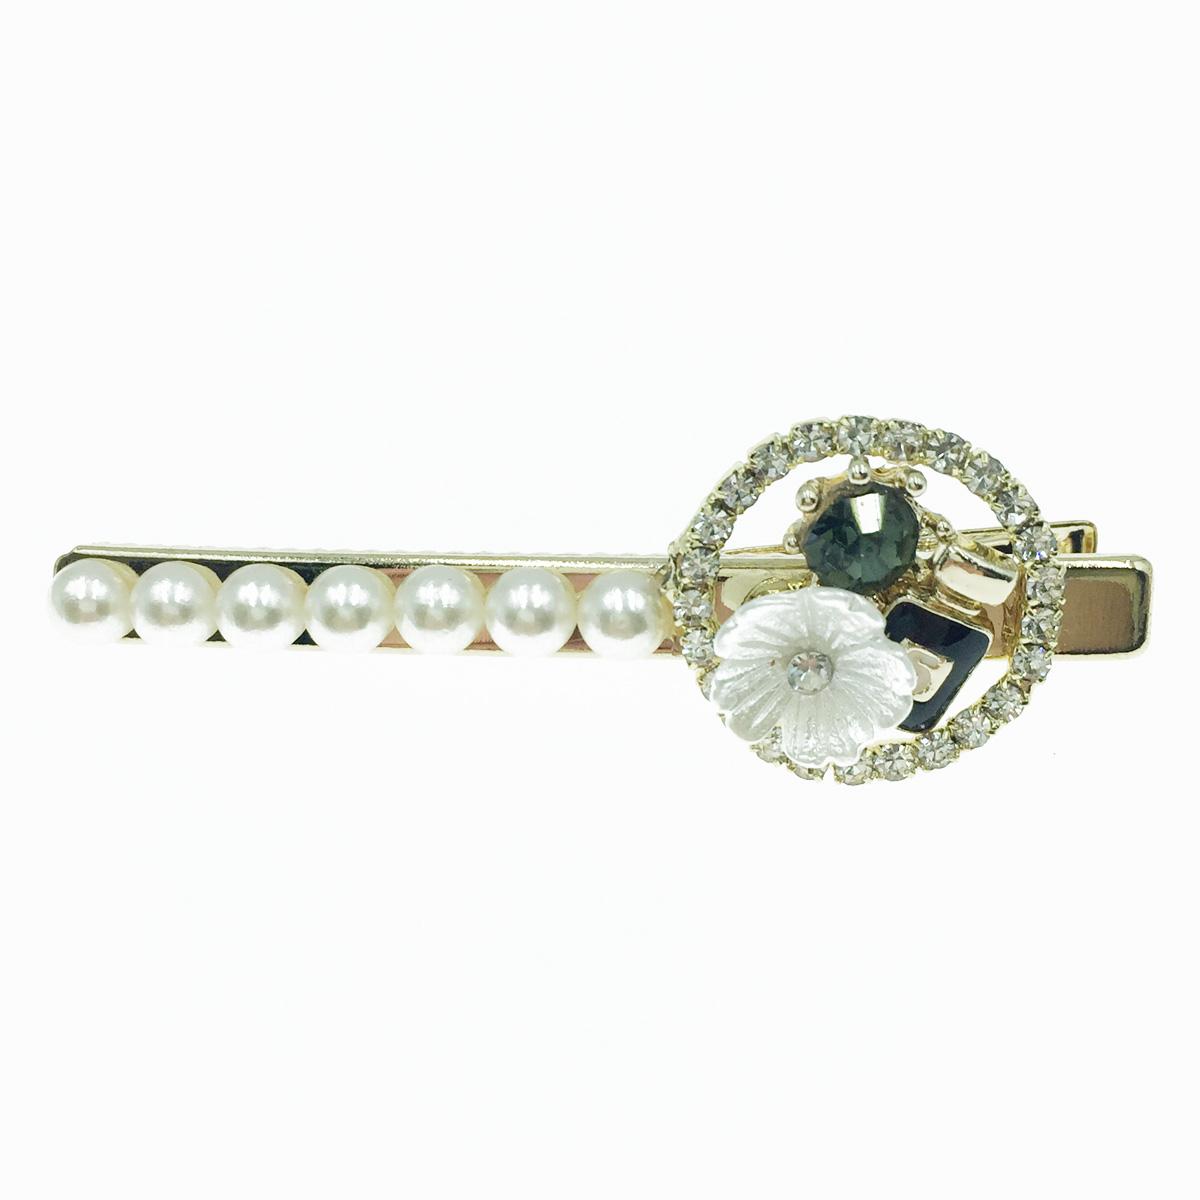 韓國 小花 水鑽 珍珠 香水瓶 髮飾 髮夾 壓夾